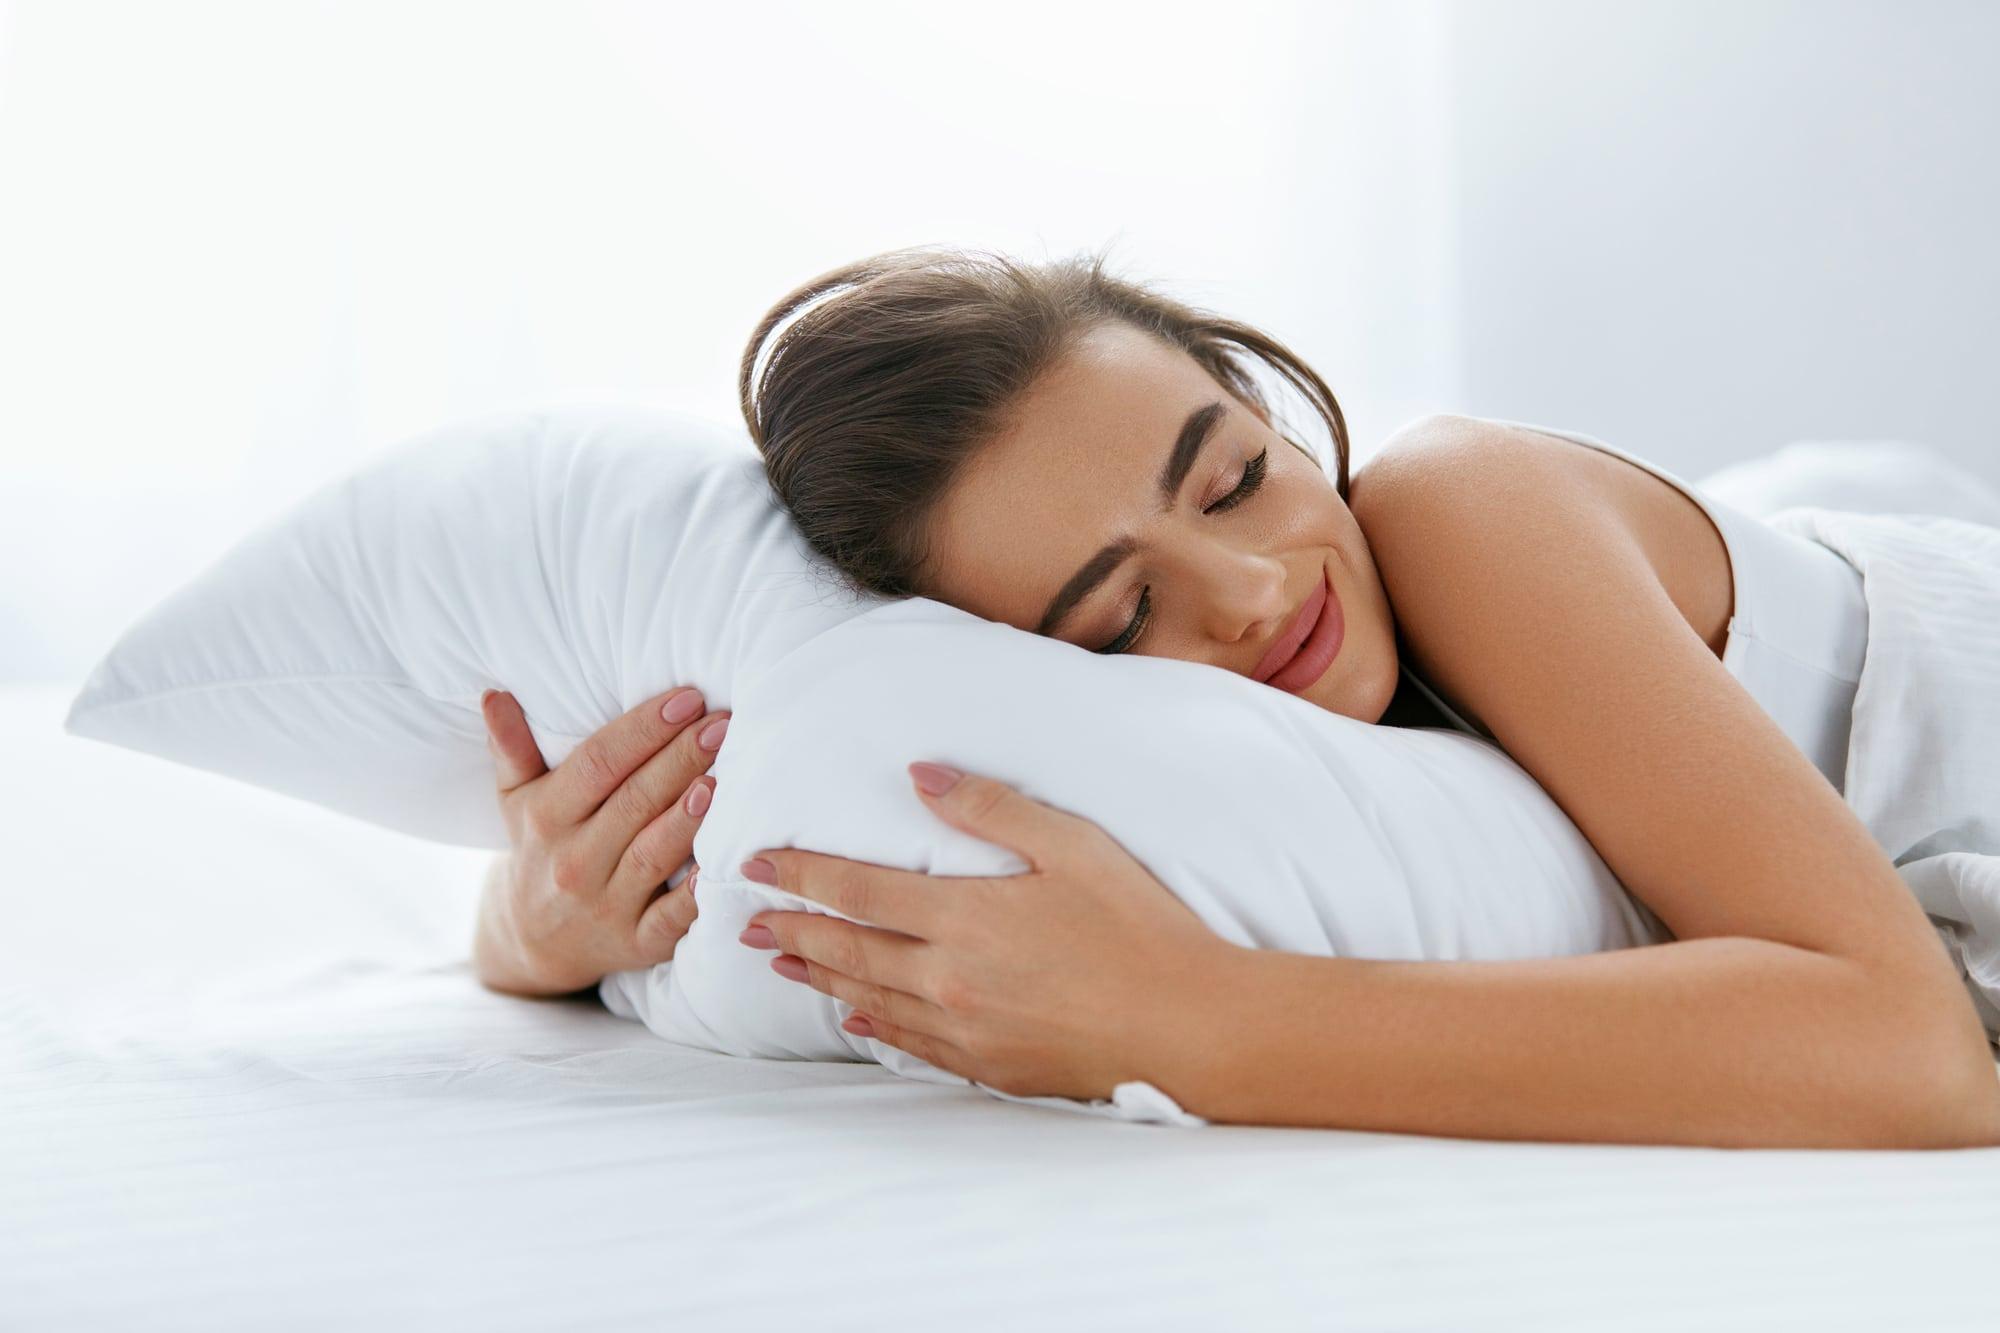 Best Latex Pillow Reviews Uk 2019 Top 10 Comparison